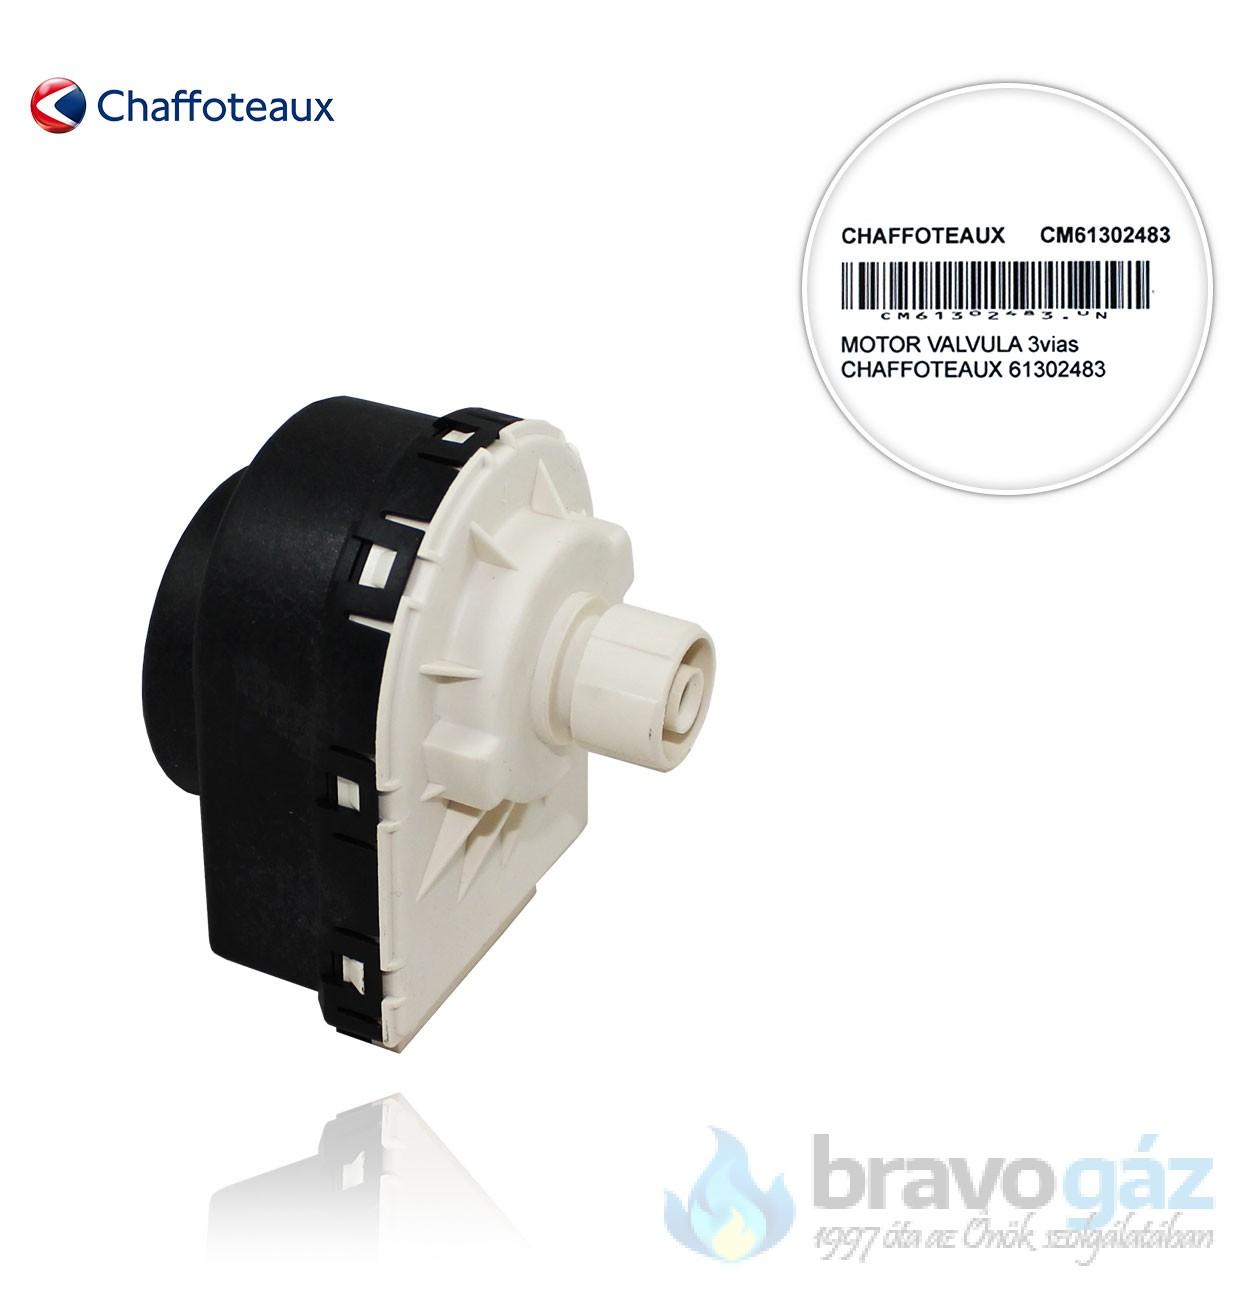 Ariston váltószelep motor - 61302483-01